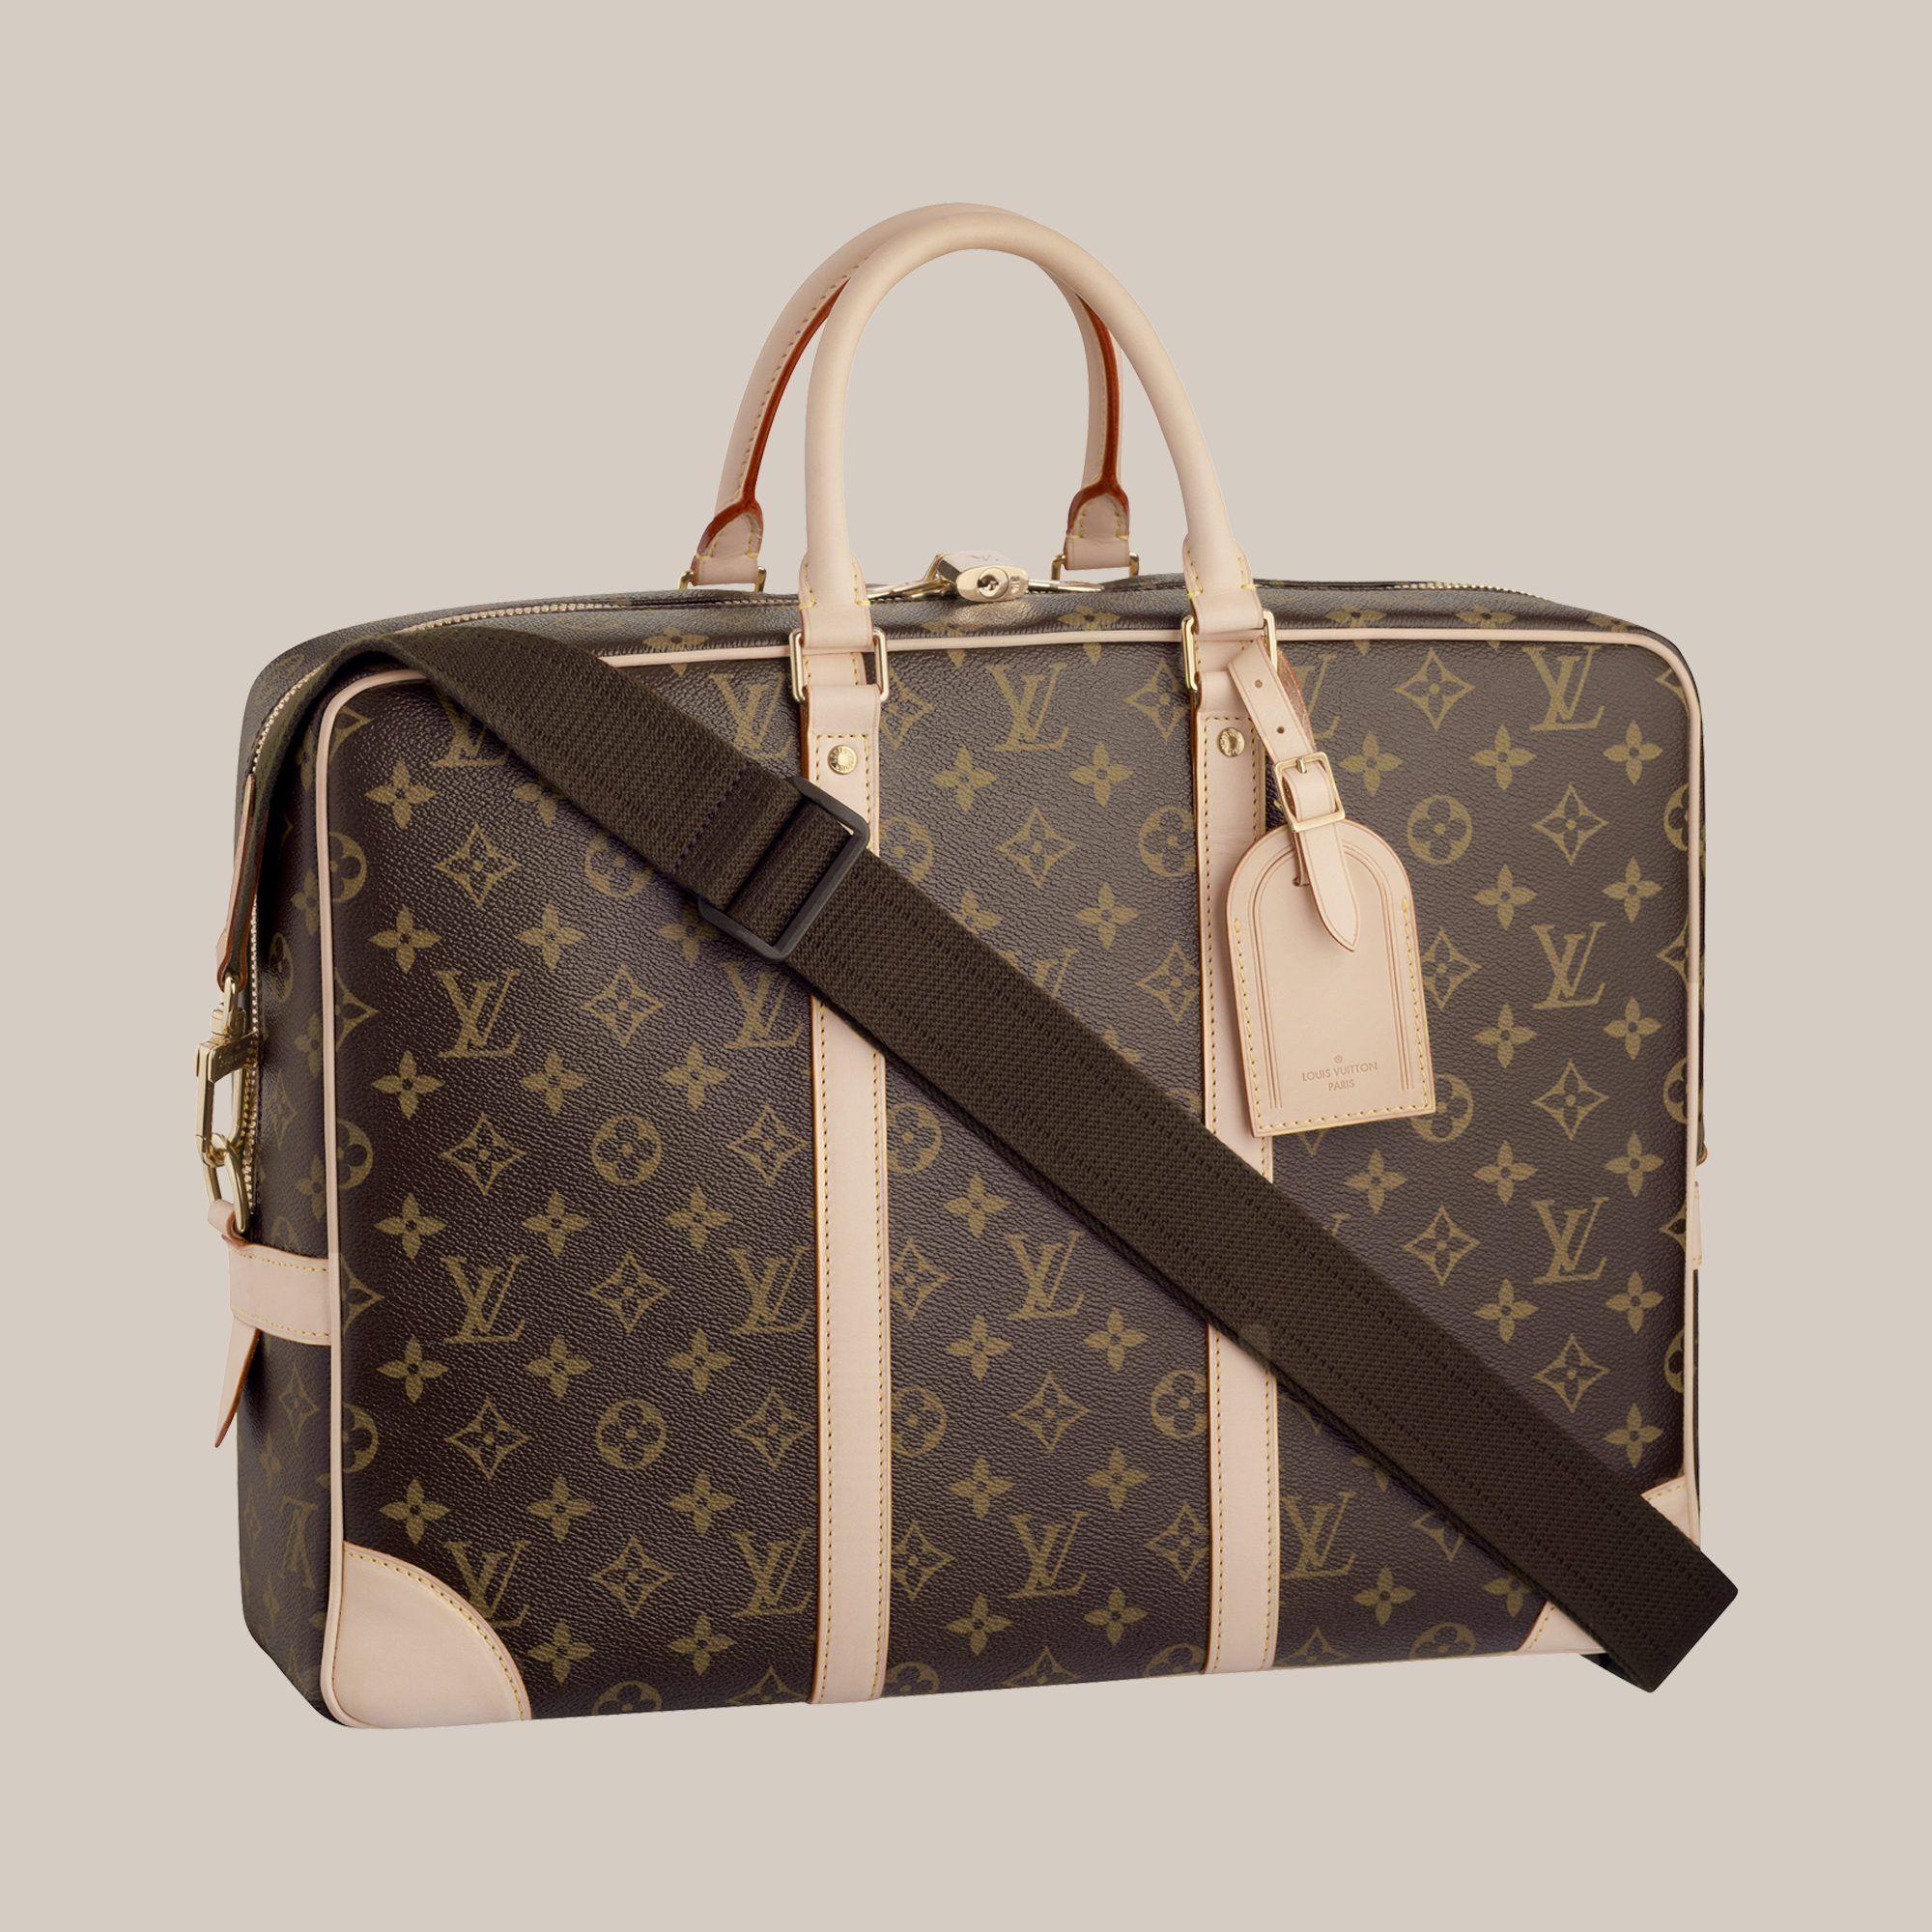 afe1b0bf44c8 Louis Vuitton Porte-Documents Voyage GM - - Sacs-homme   LOUIS ...